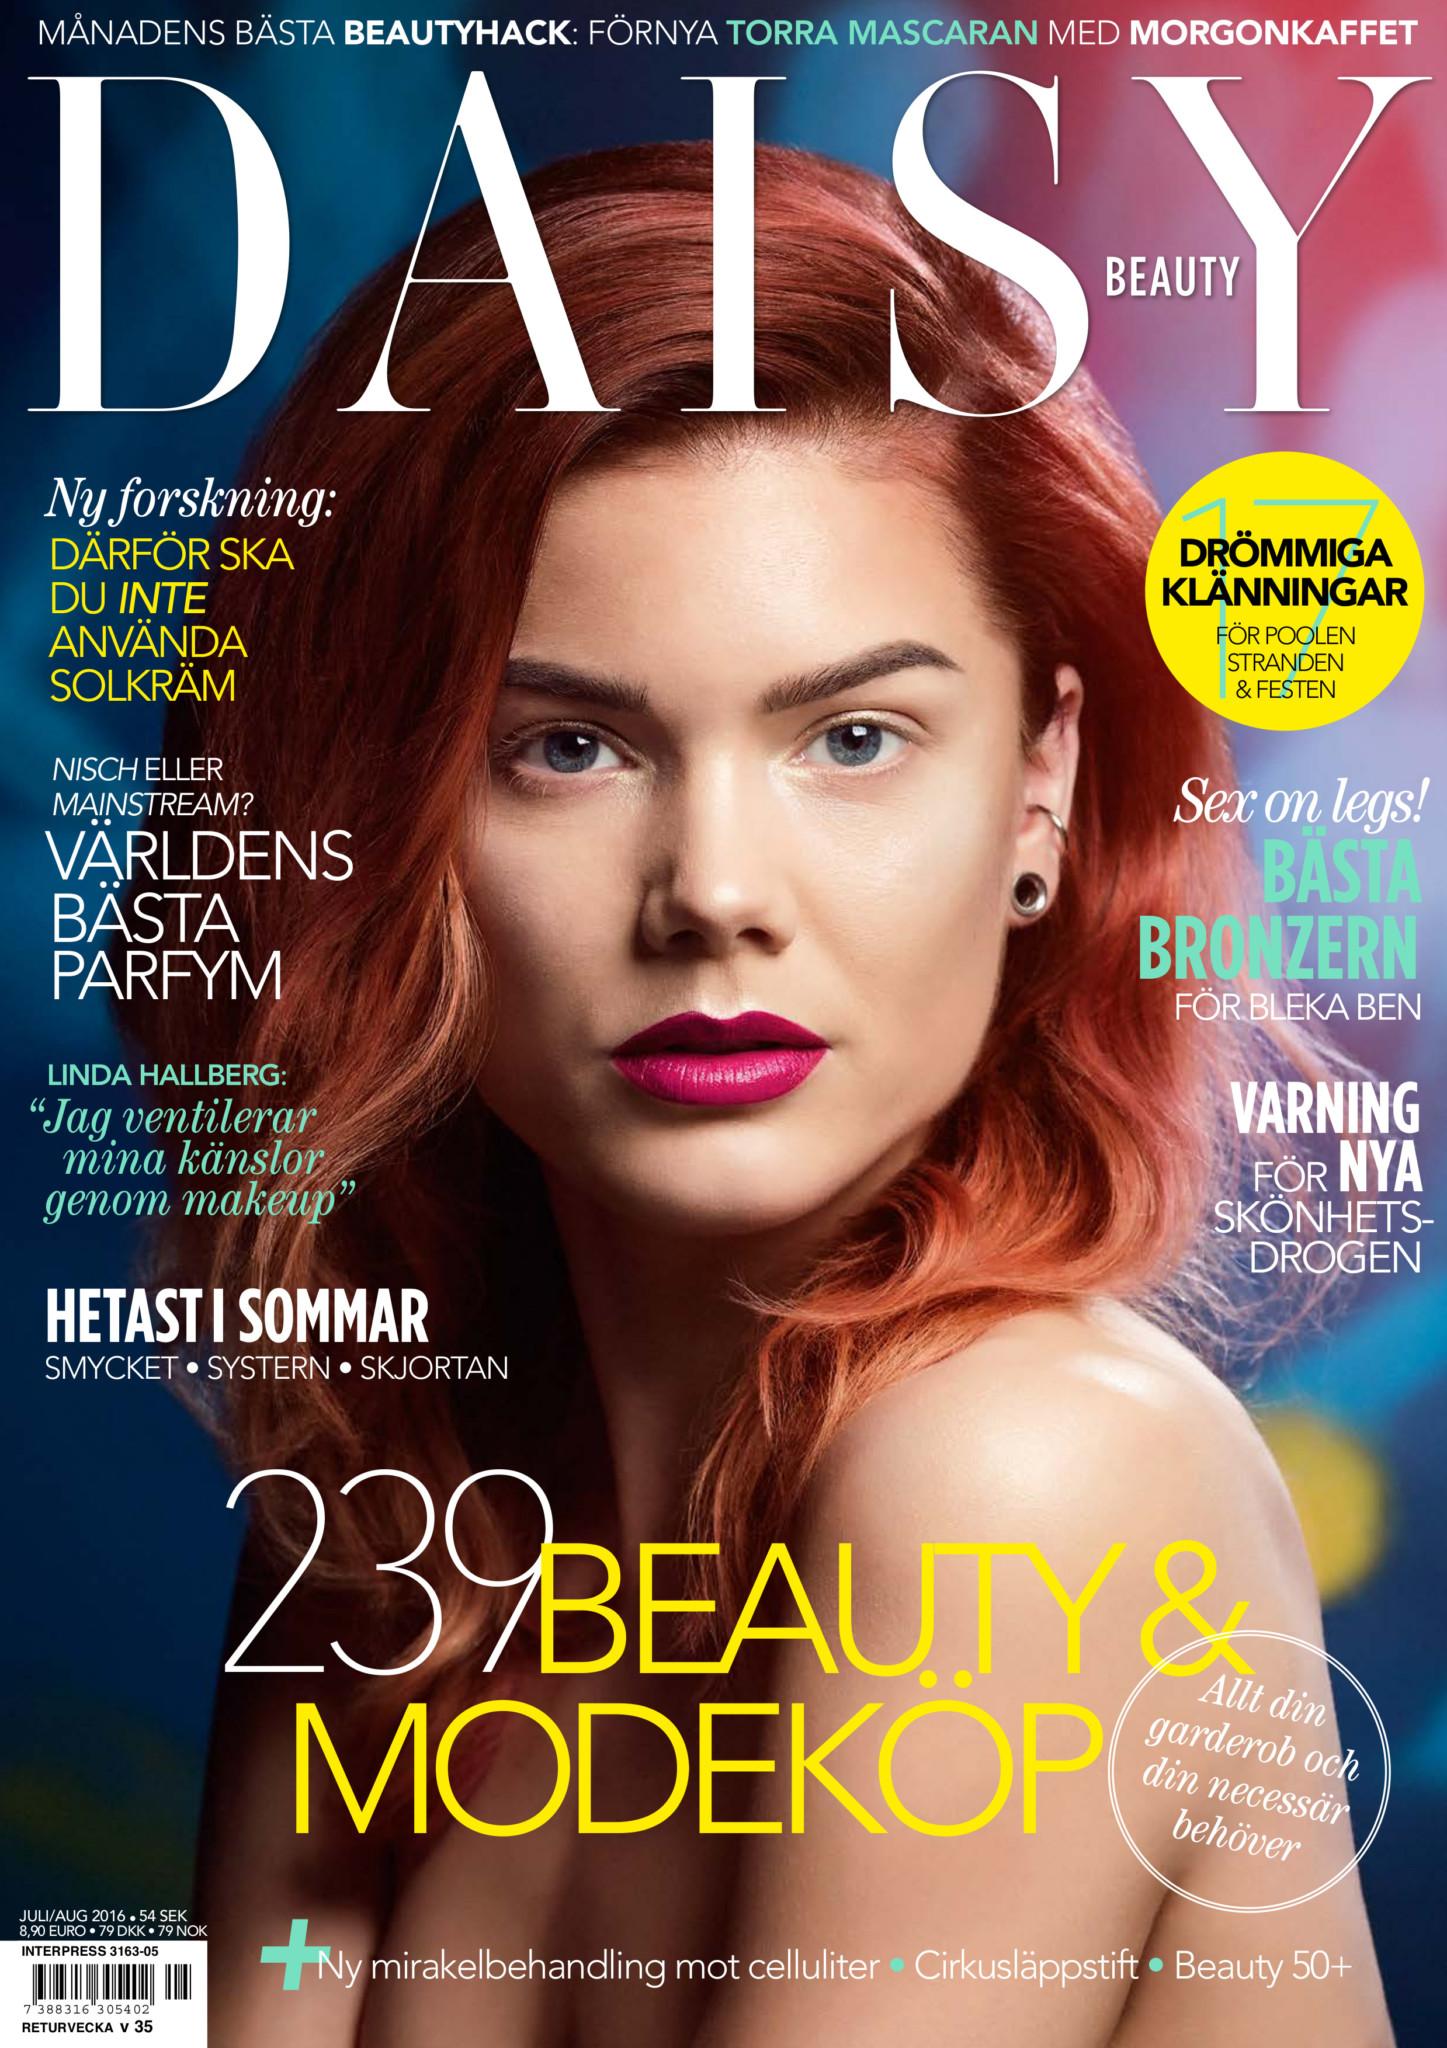 Omslag Daisy Beauty nr 5/2016